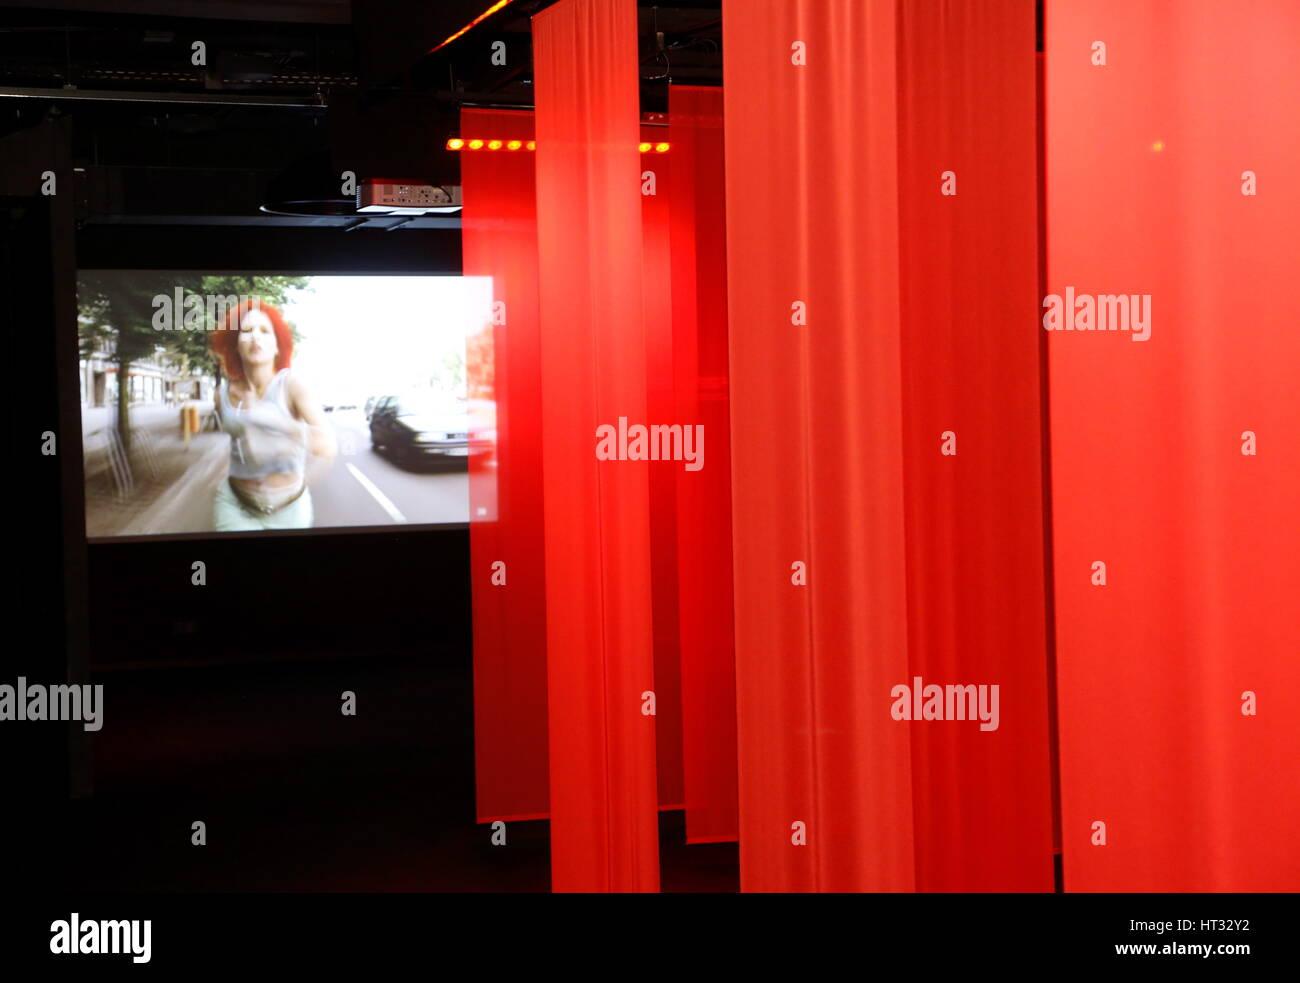 HANDOUT - Impression 13: ROT. Eine Filminstallation im Raum, aufgenommen am 06.03.2017 im Filmmuseum von Frankfurt - Stock Image